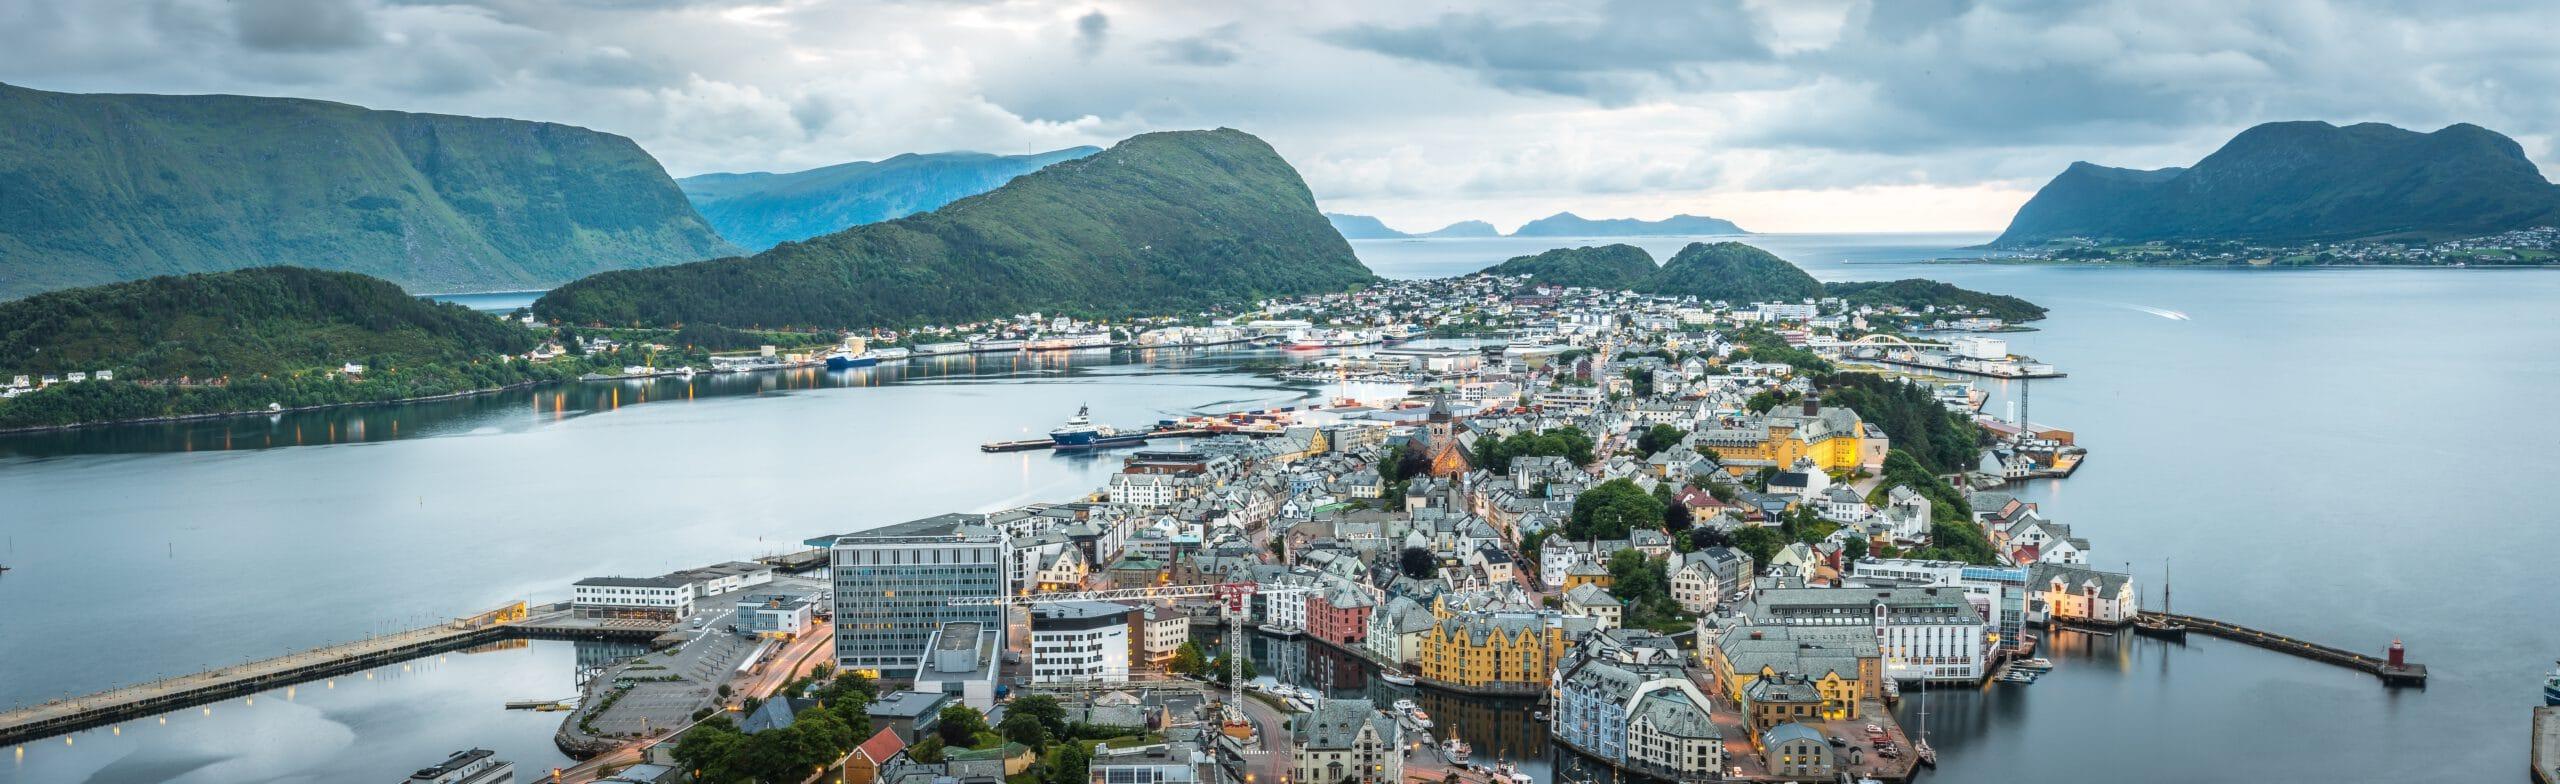 Noorwegen-Alesund-cruise-haven